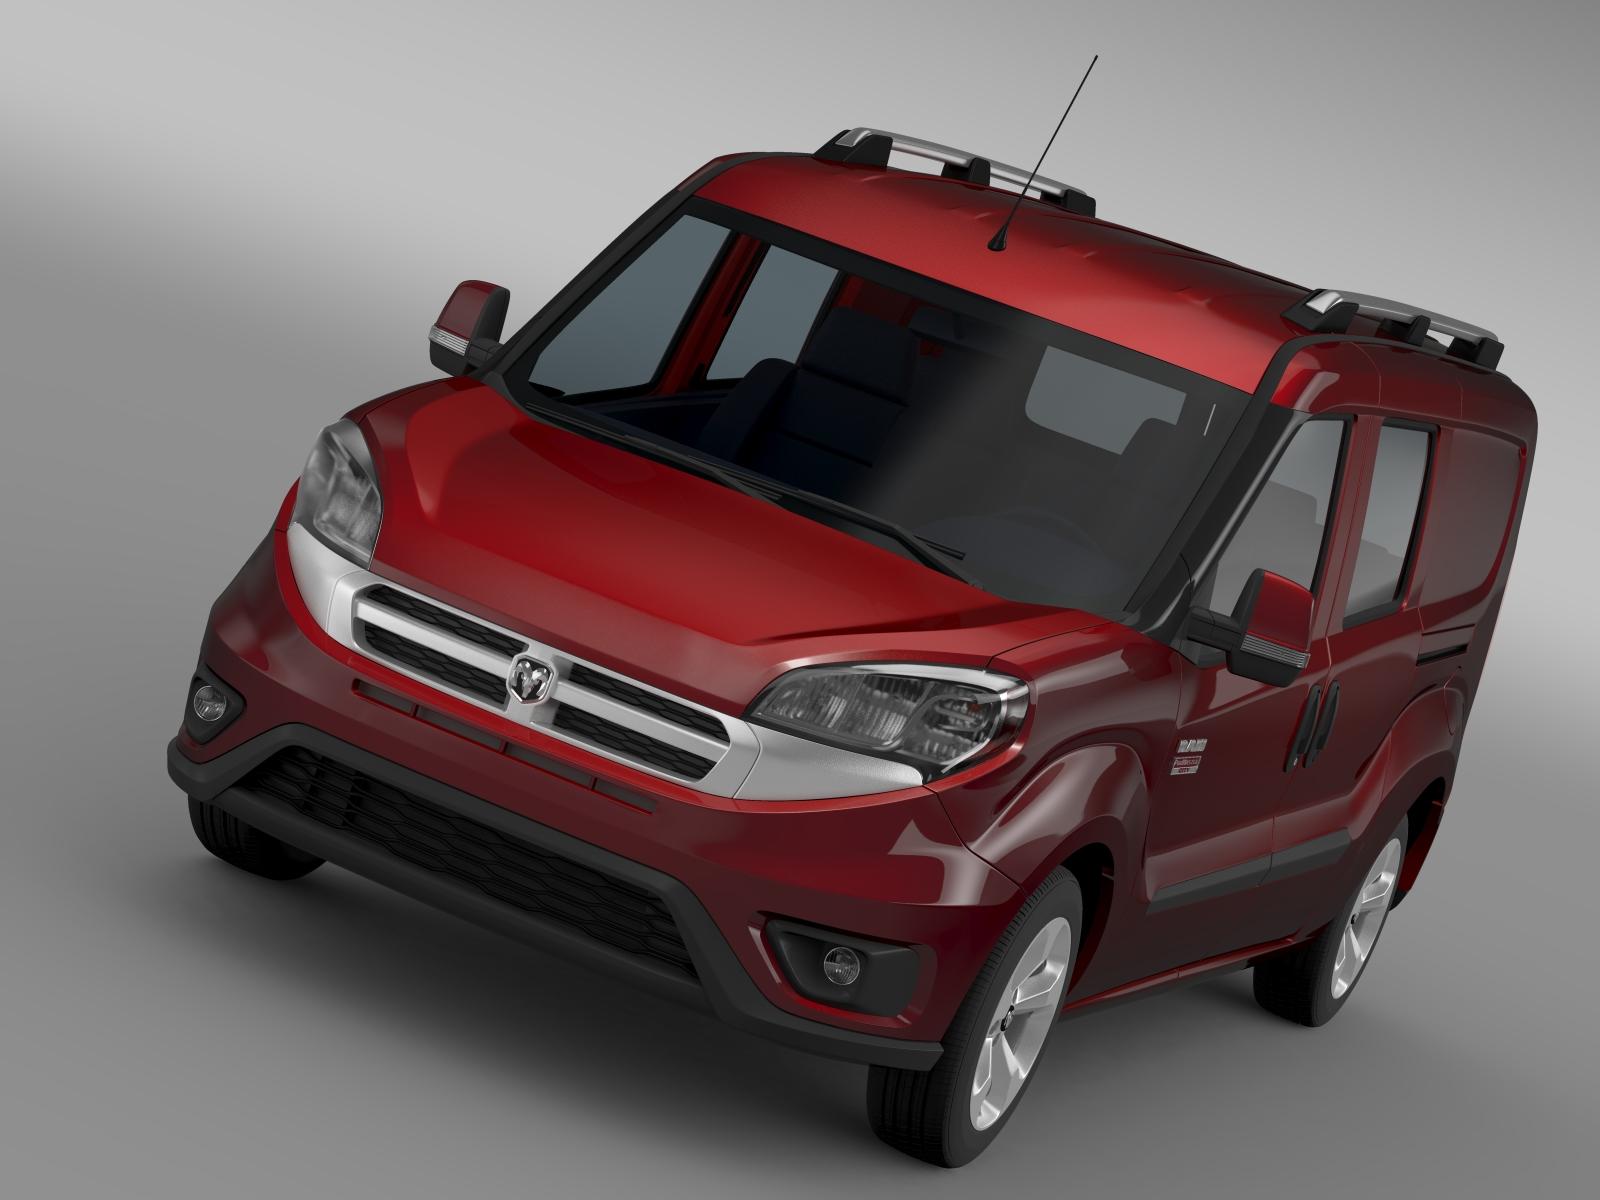 ram promaster city wagon slt 2015 3d model 3ds max fbx c4d lwo ma mb hrc xsi obj 211535